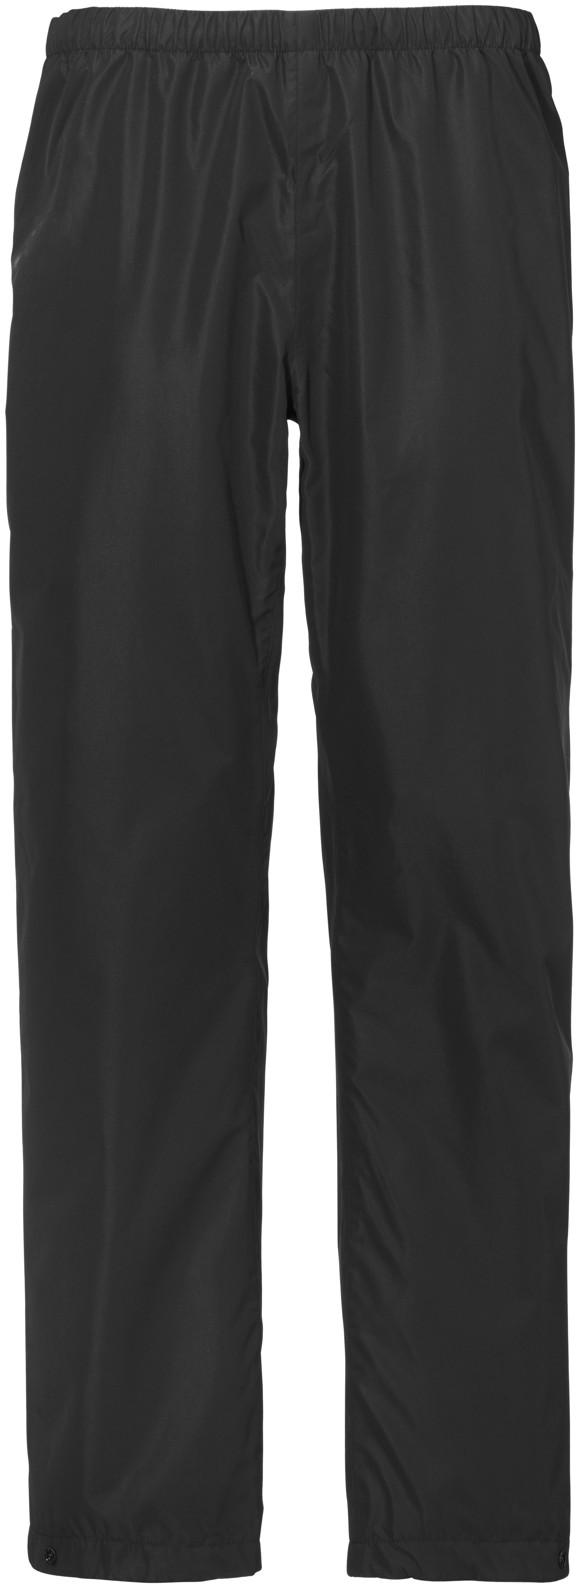 Didriksons - Pants Mens - Grand DI502835